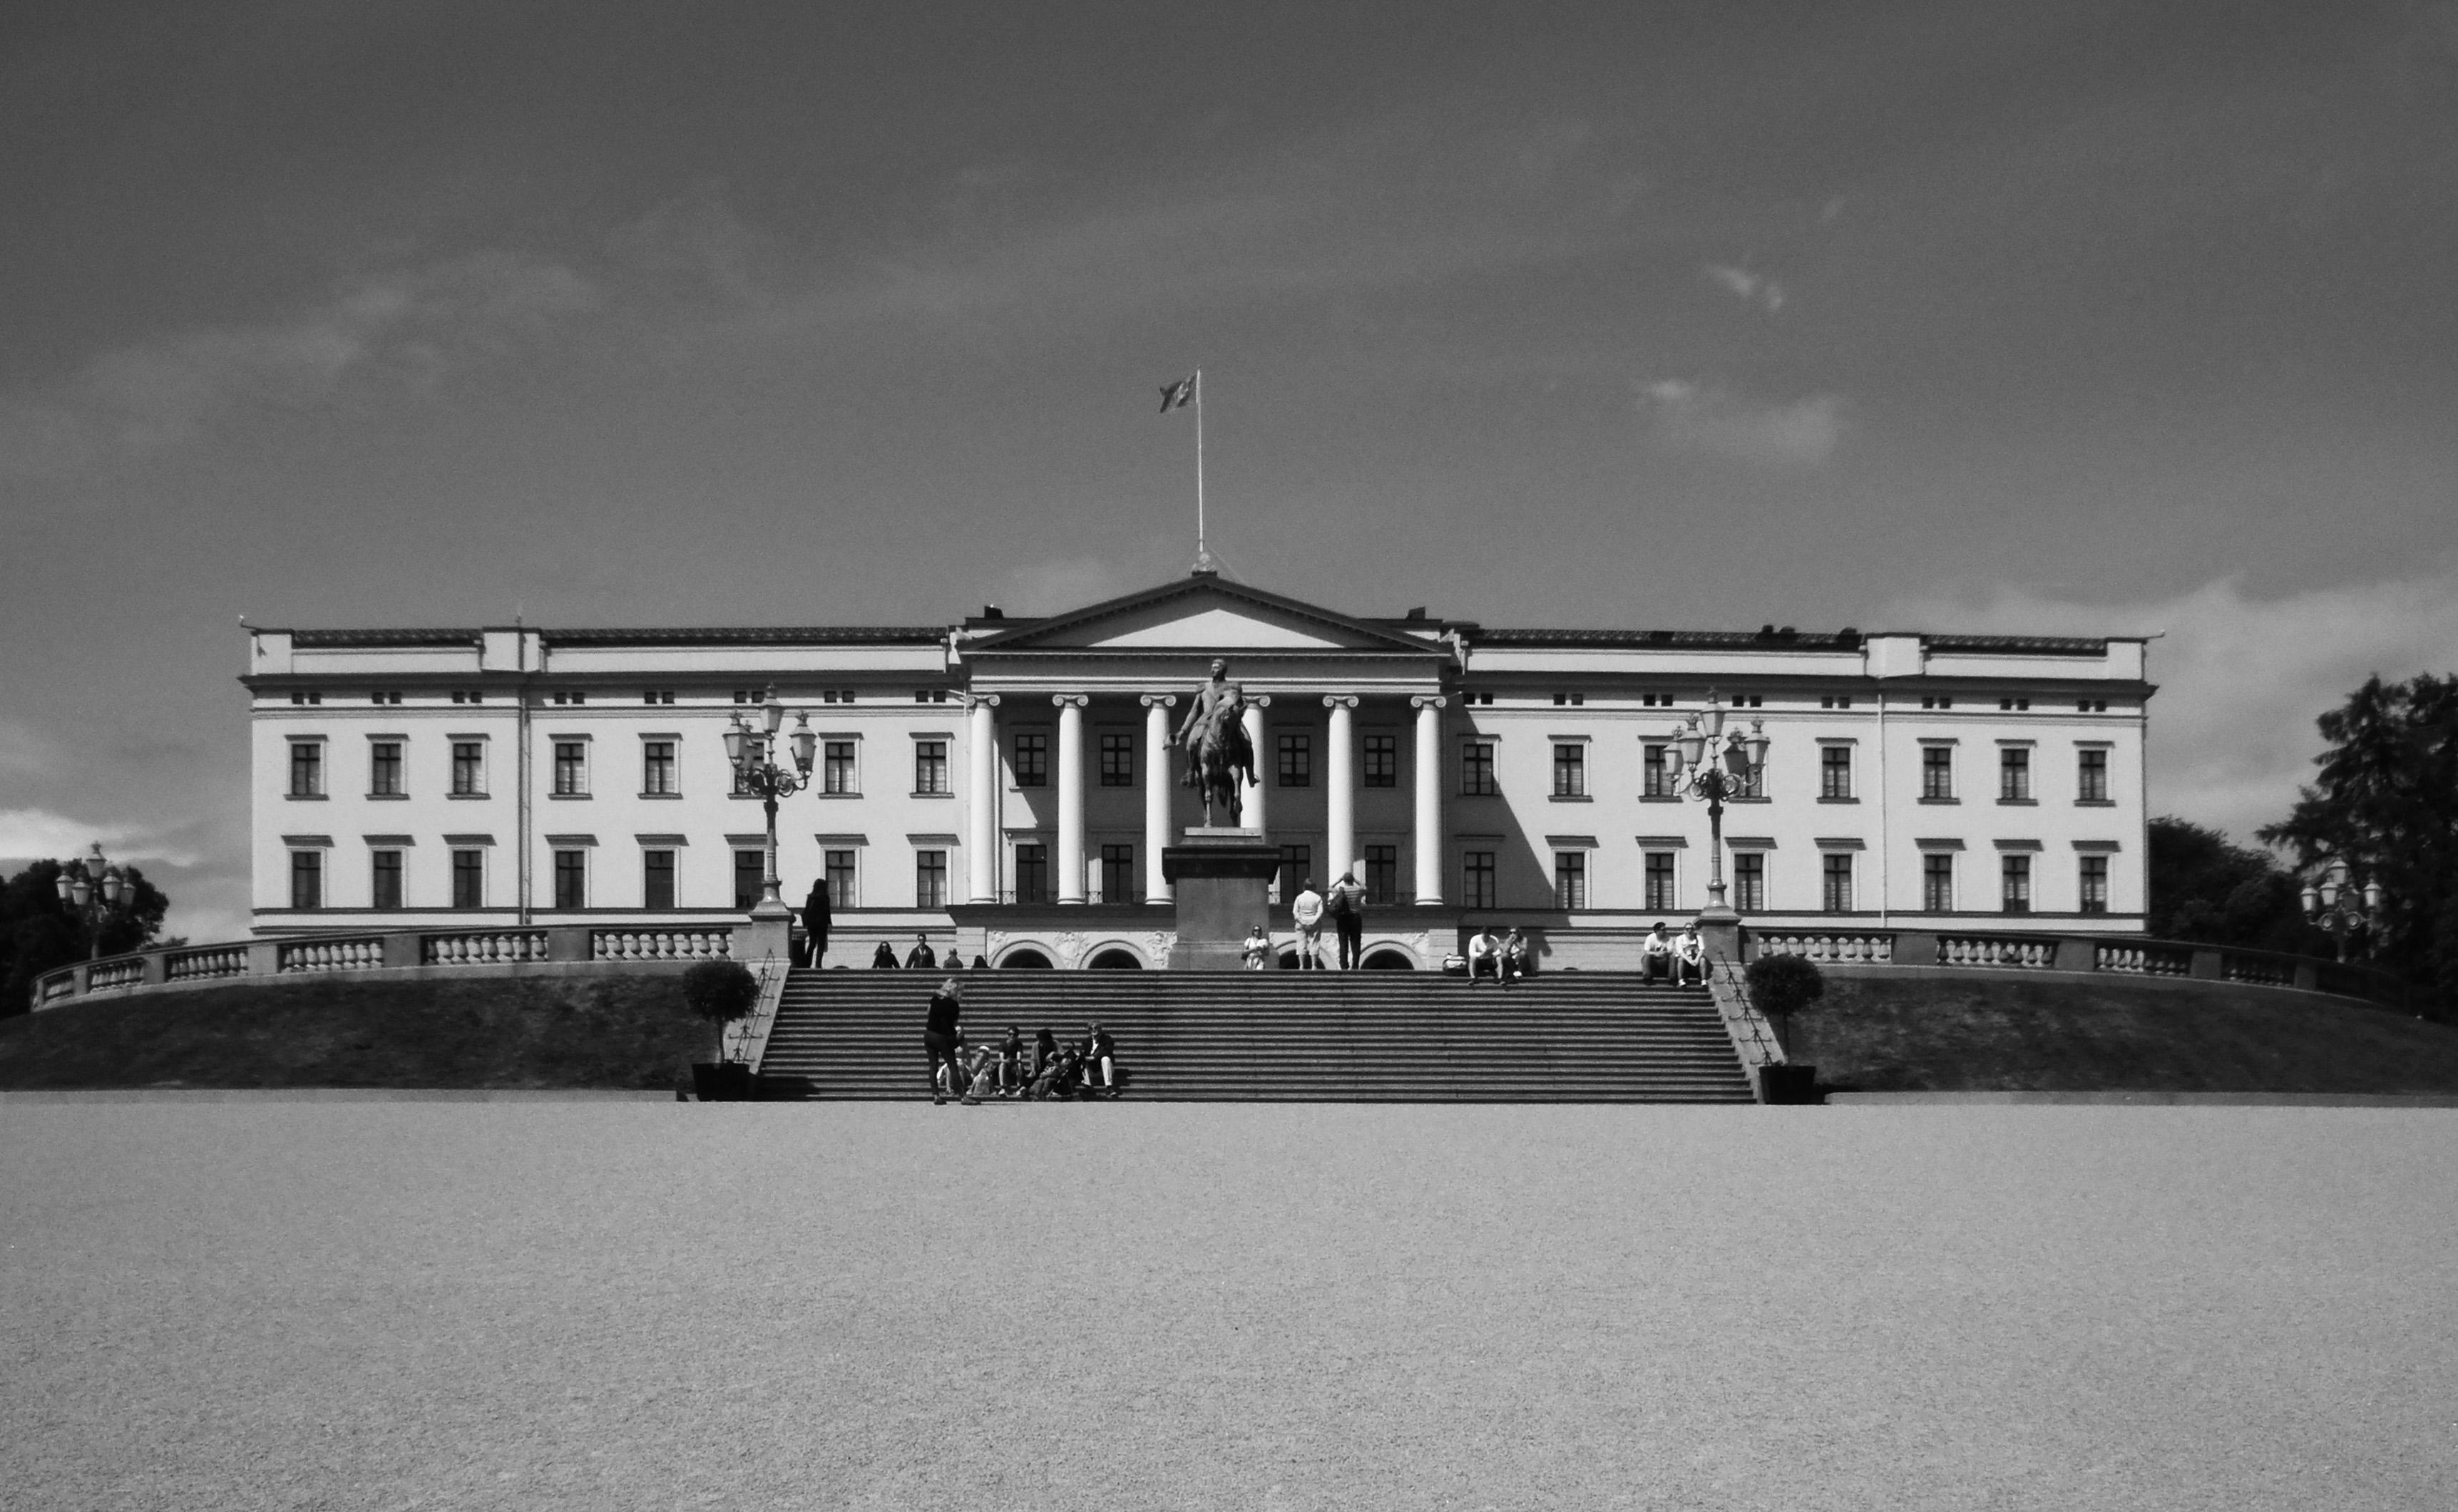 Palacio Real - Royal Palace.